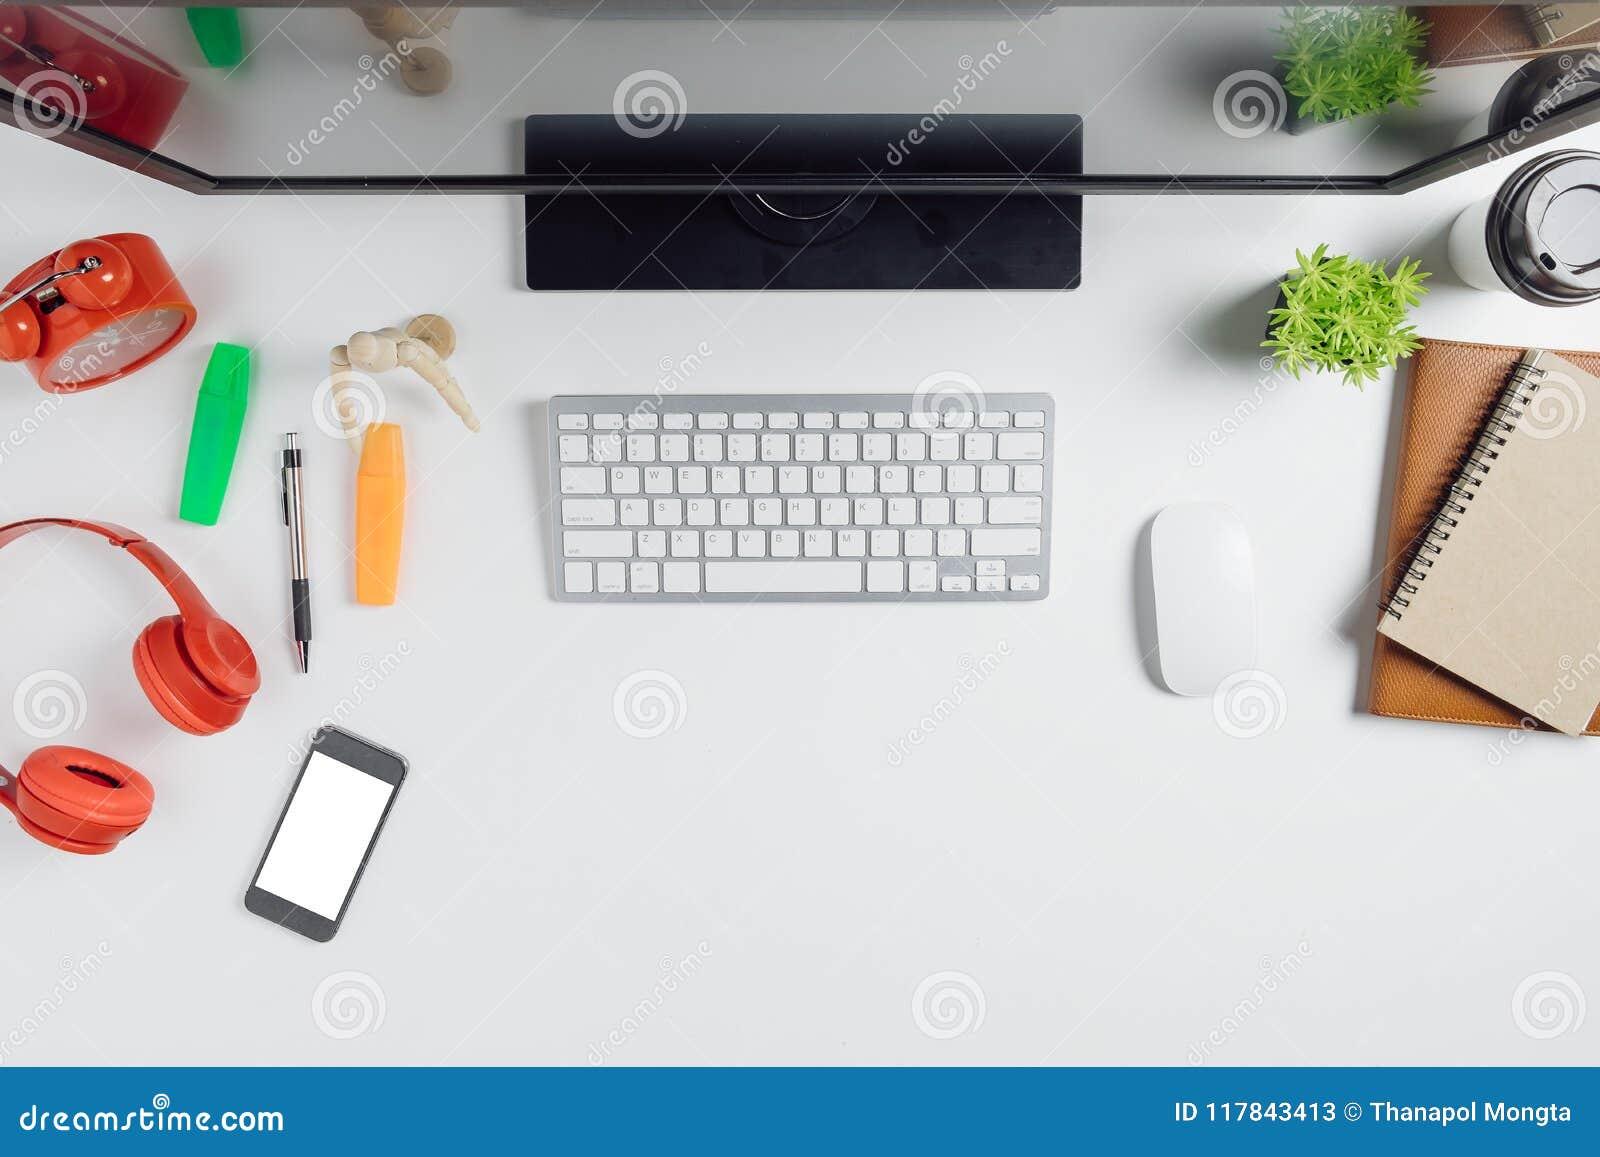 Elegantes Escritorios De Oficina Modernos.Tabla Blanca Moderna Del Escritorio De Oficina Con El